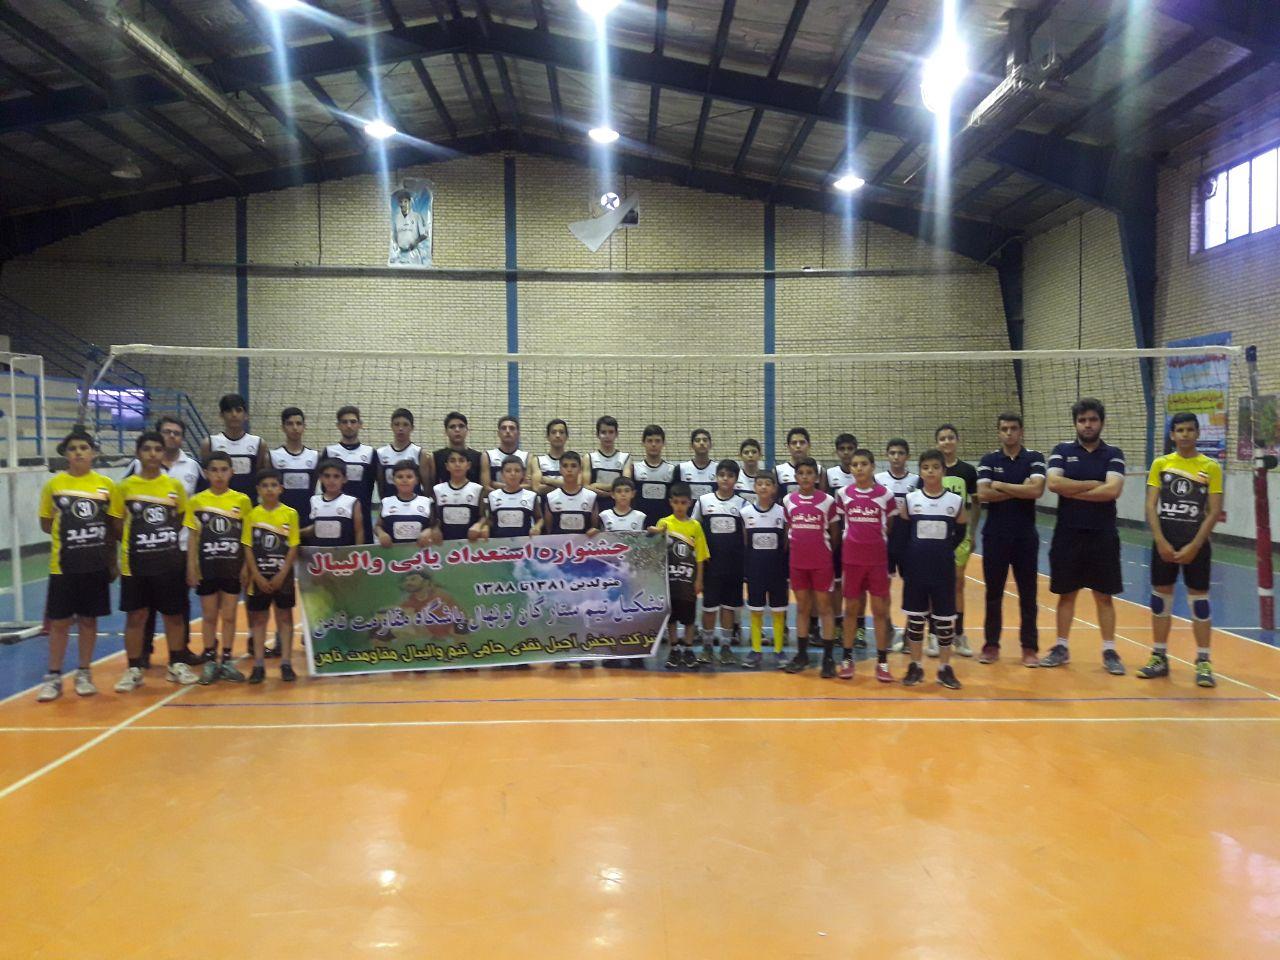 مرحله دوم طرح پایش استعداد های باشگاه تخصصی والیبال ثامن فاروج